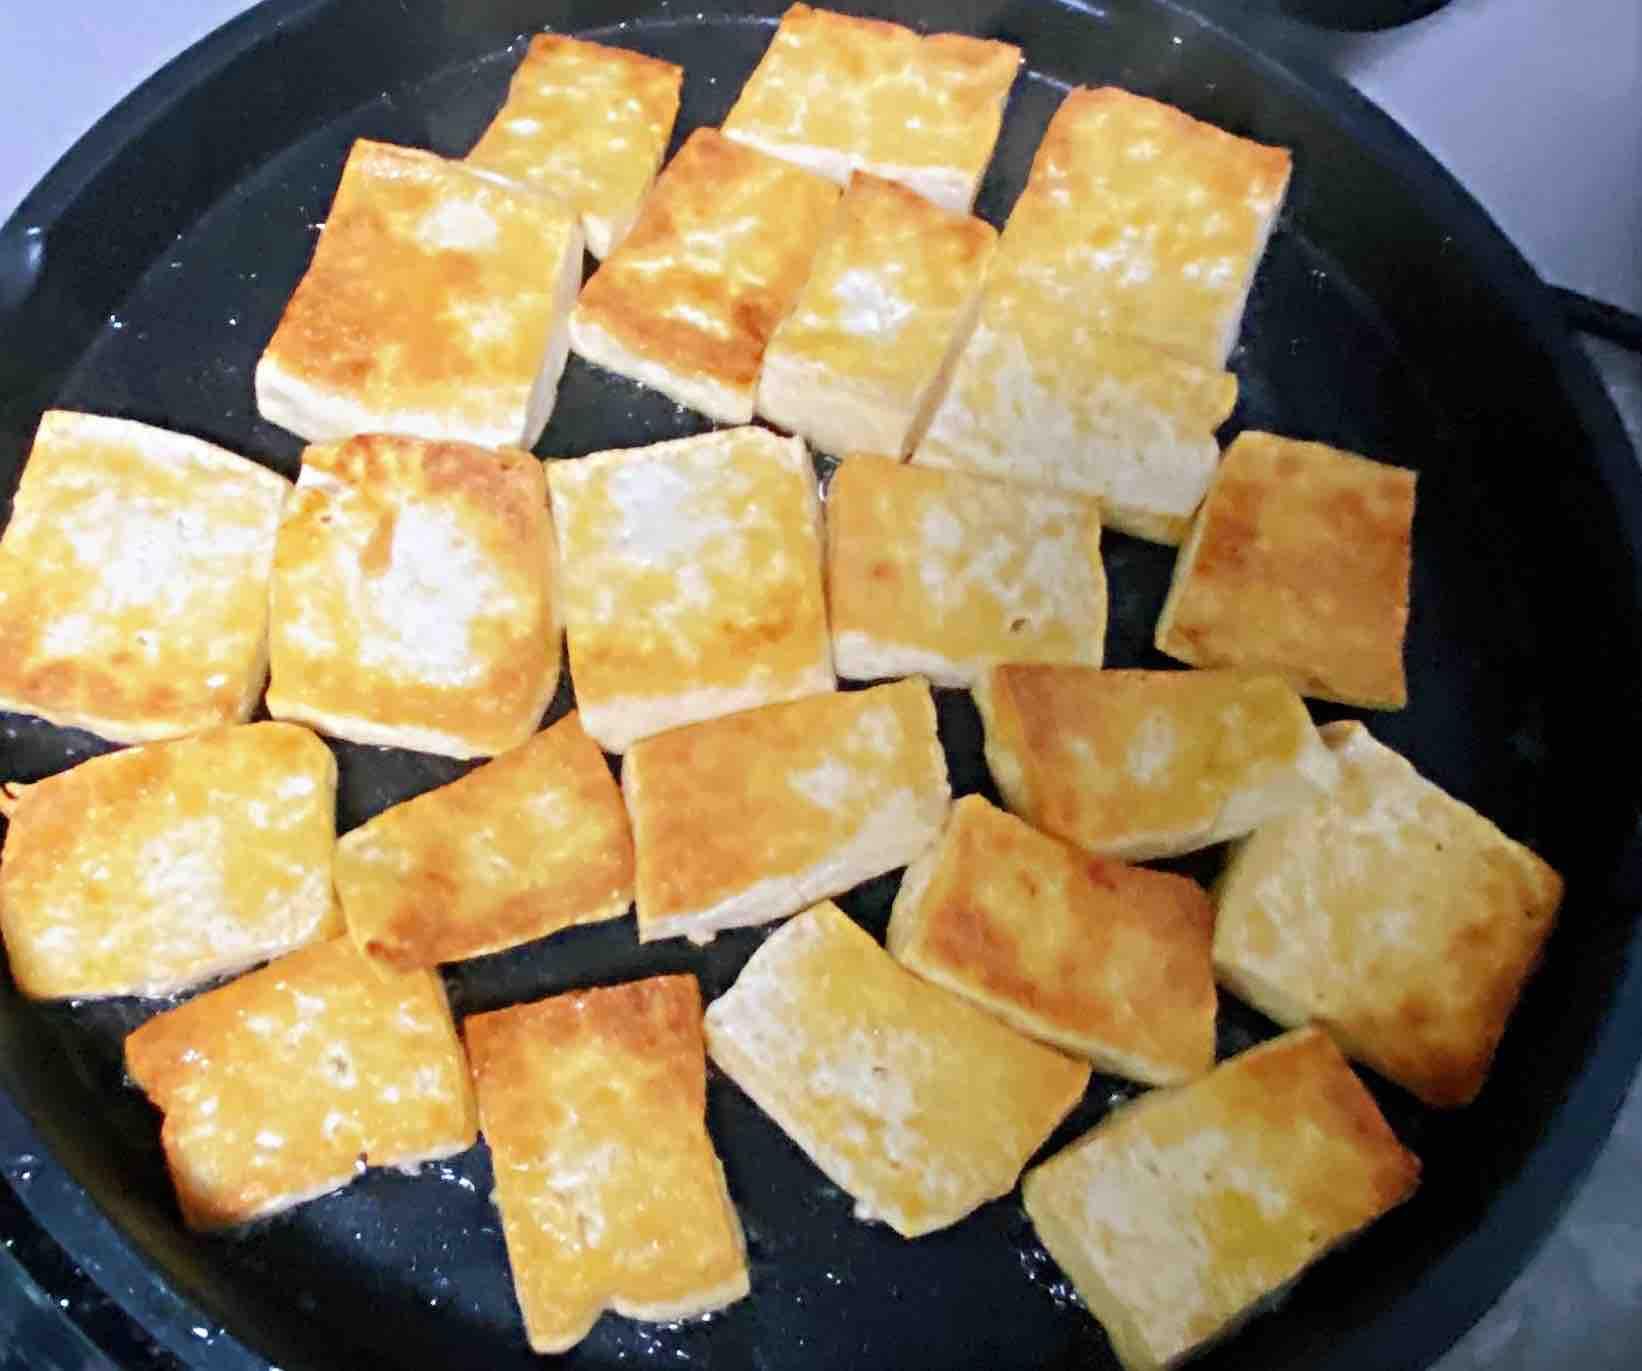 【孕妇食谱】鲍汁豆腐烧青蒜,鲜味浓郁,超级下饭~的做法图解